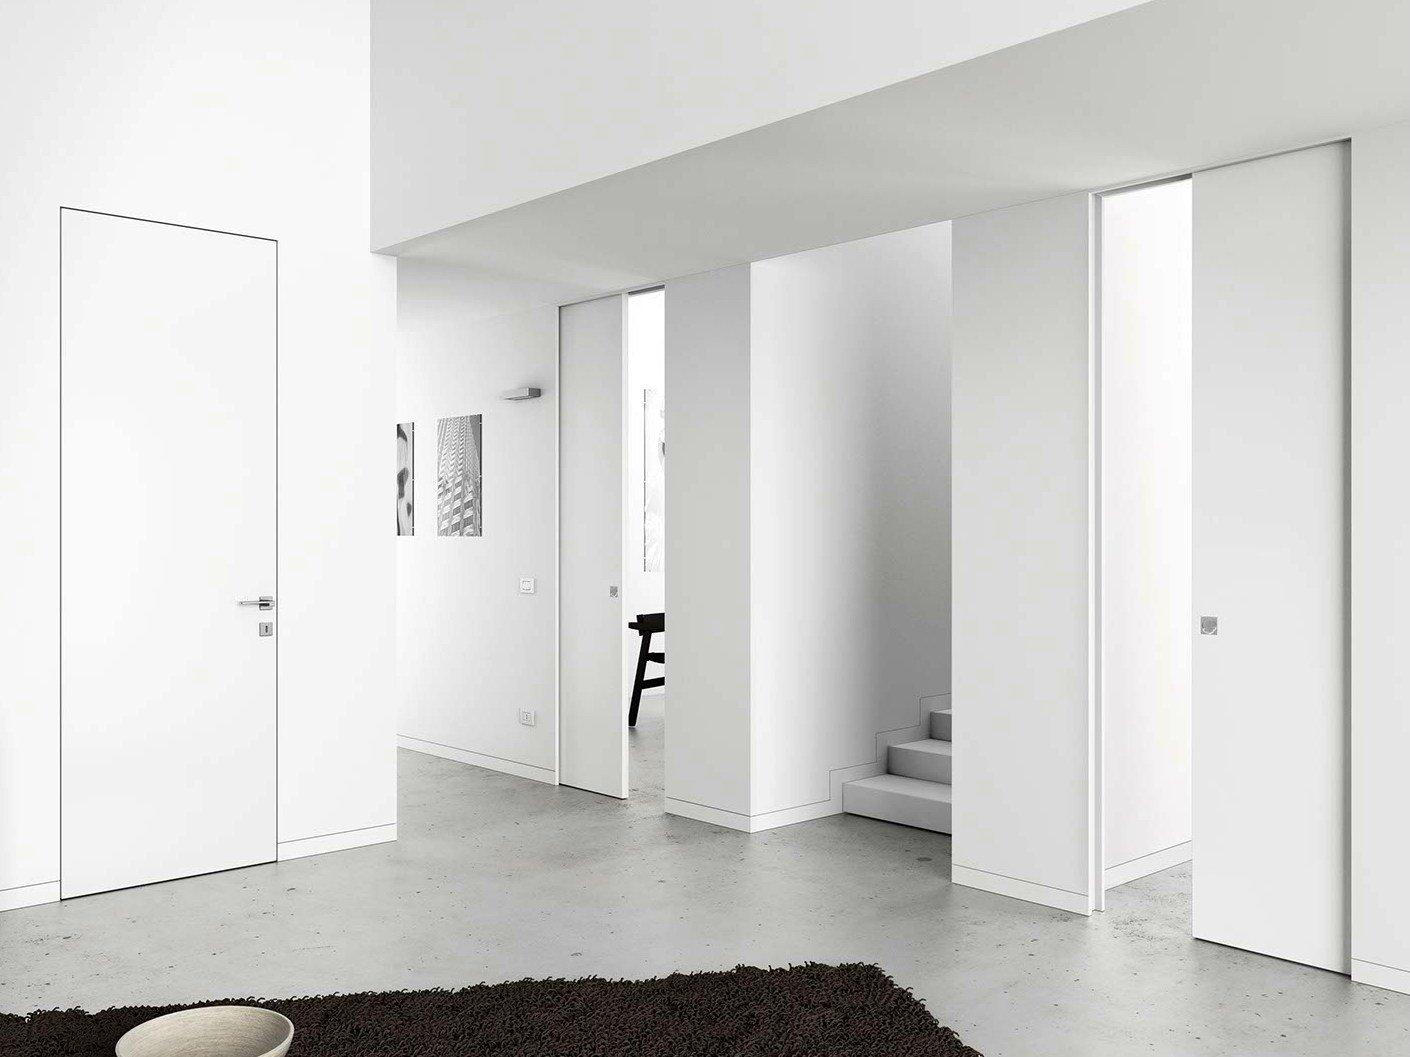 Estetica minimalista per syntesis collection di eclisse - Porte invisibili scorrevoli ...